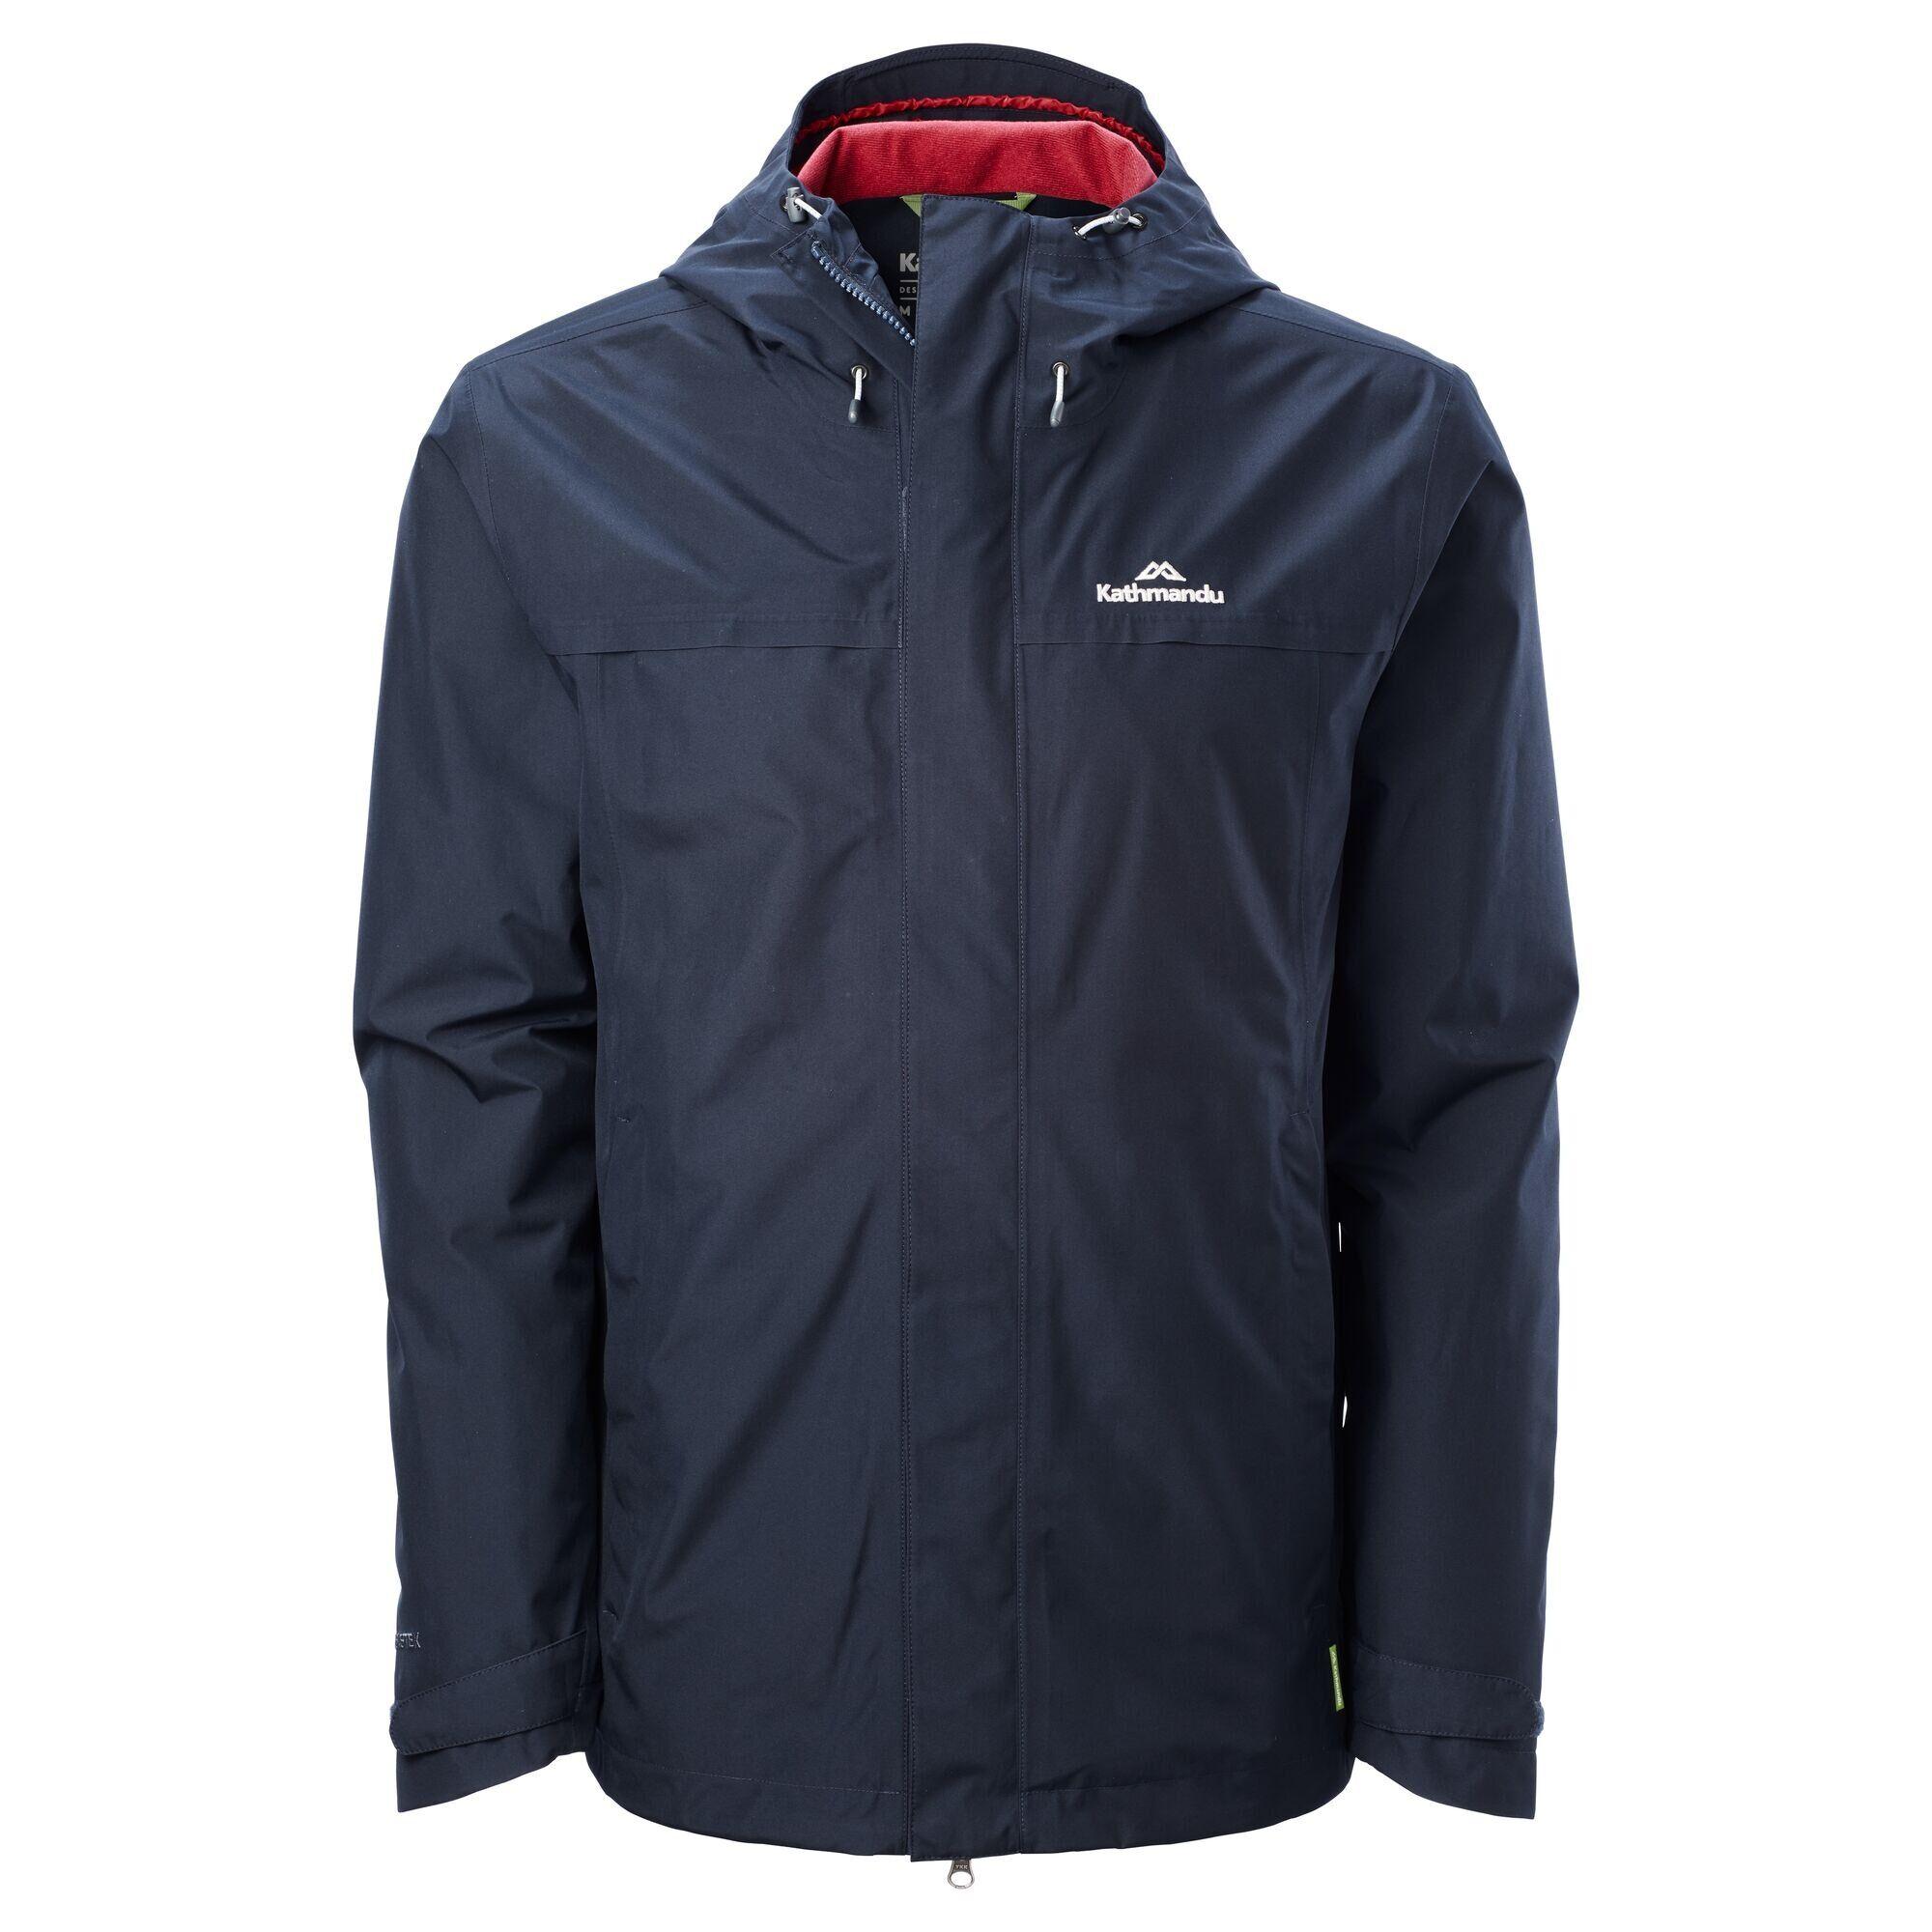 Kathmandu Bealey Men's GORE-TEX Jacket  - Midnight Navy - Size: Small